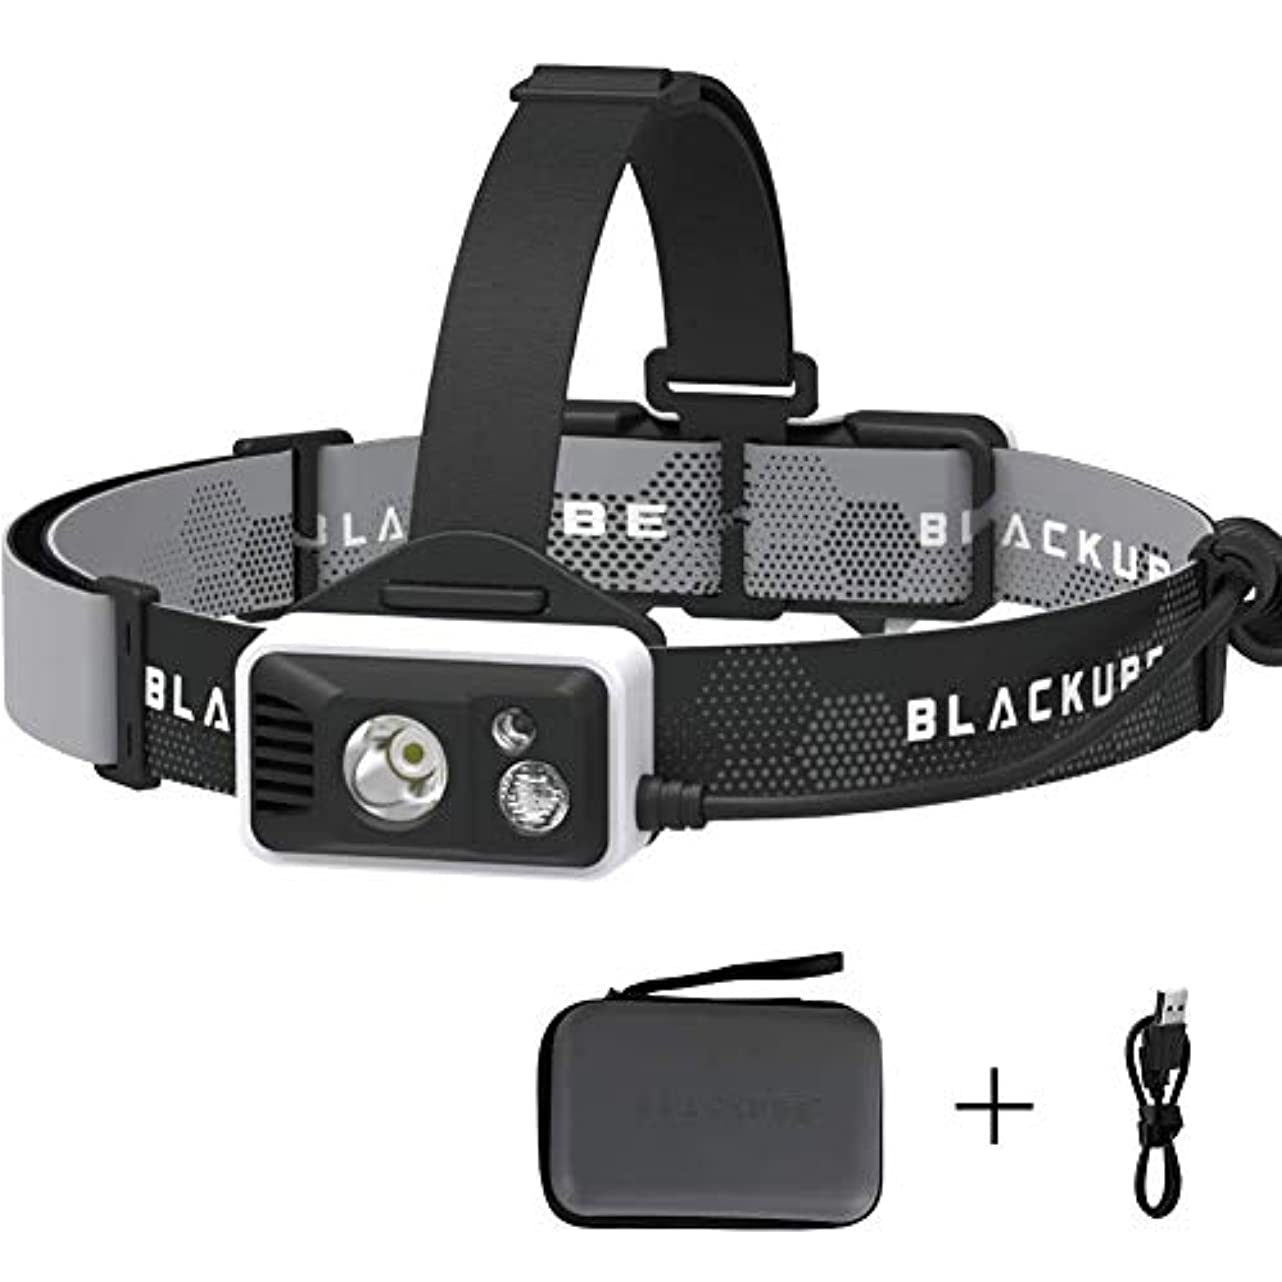 特異性一間隔ヘッドランプ 充電式ヘッドライト 5つモード ledライト 釣り/ランニング/防災用